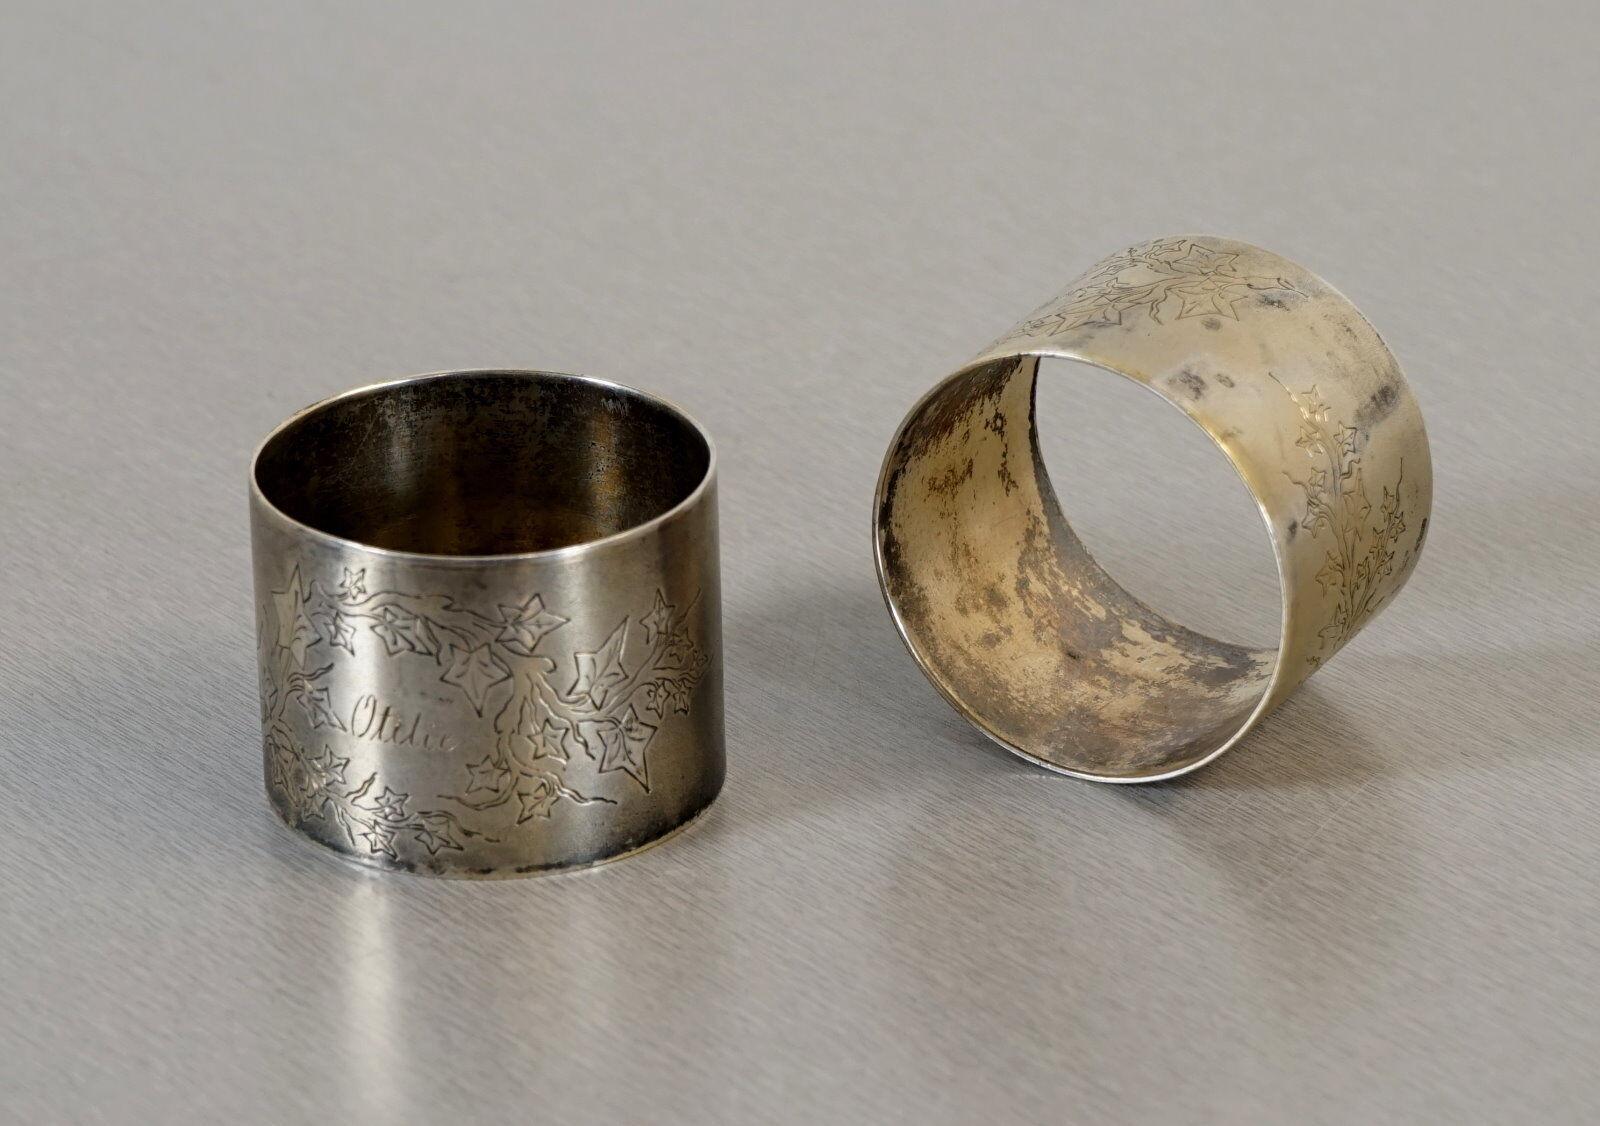 2 anelli RARE TOVAGLIOLI Tovaglioli Supporto argentati con monogramma del 1900 RAR